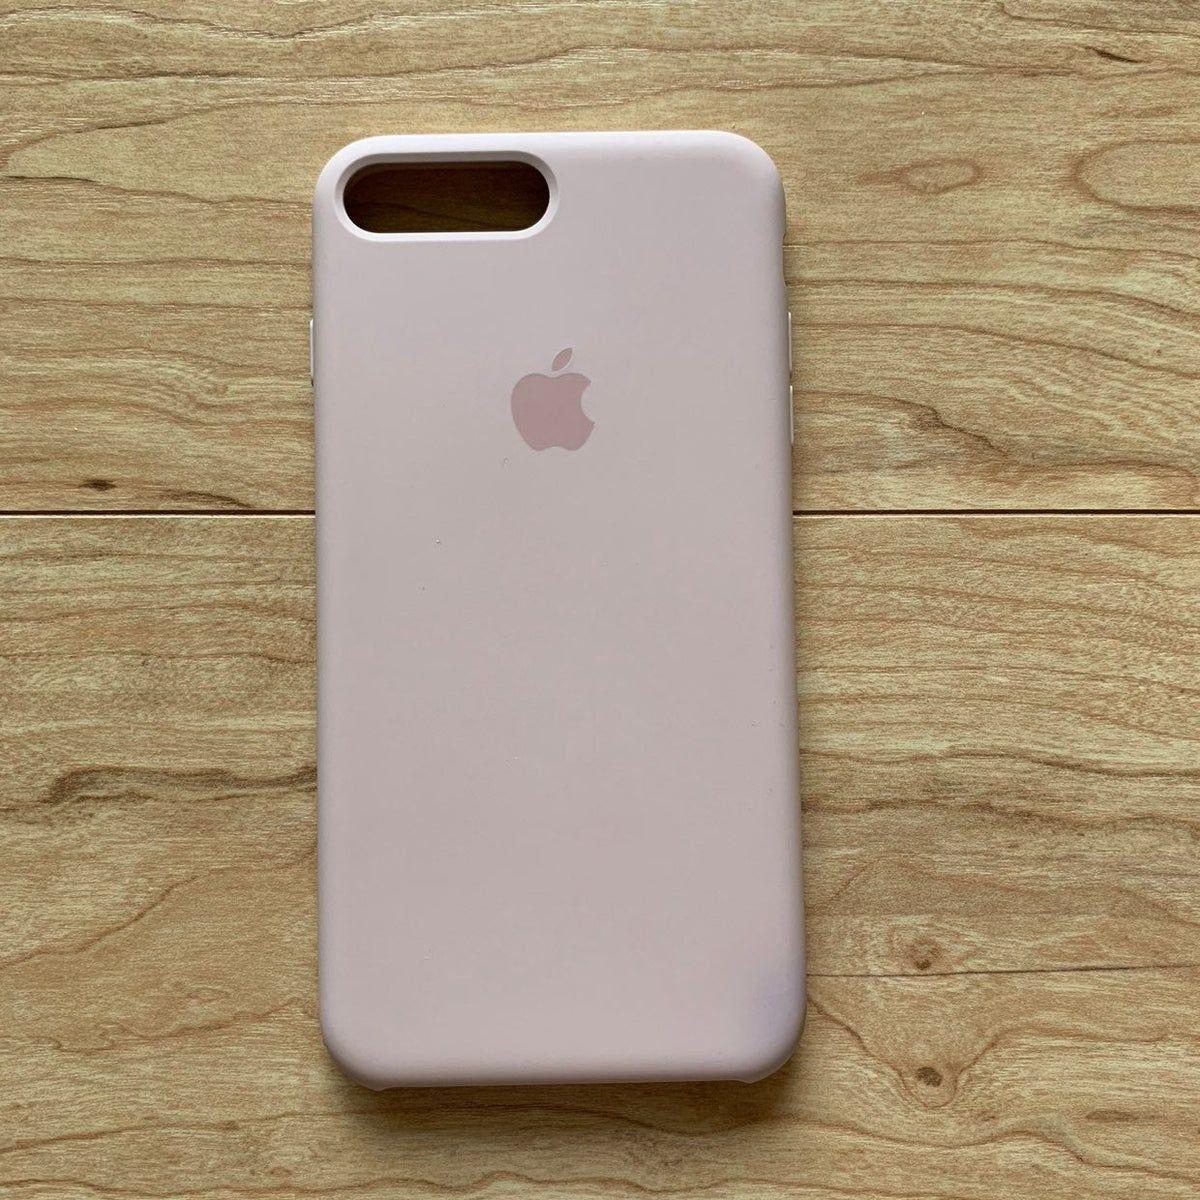 Iphone 8 Plus Apple Silicone Case In 2021 Case Iphone Iphone 8 Plus